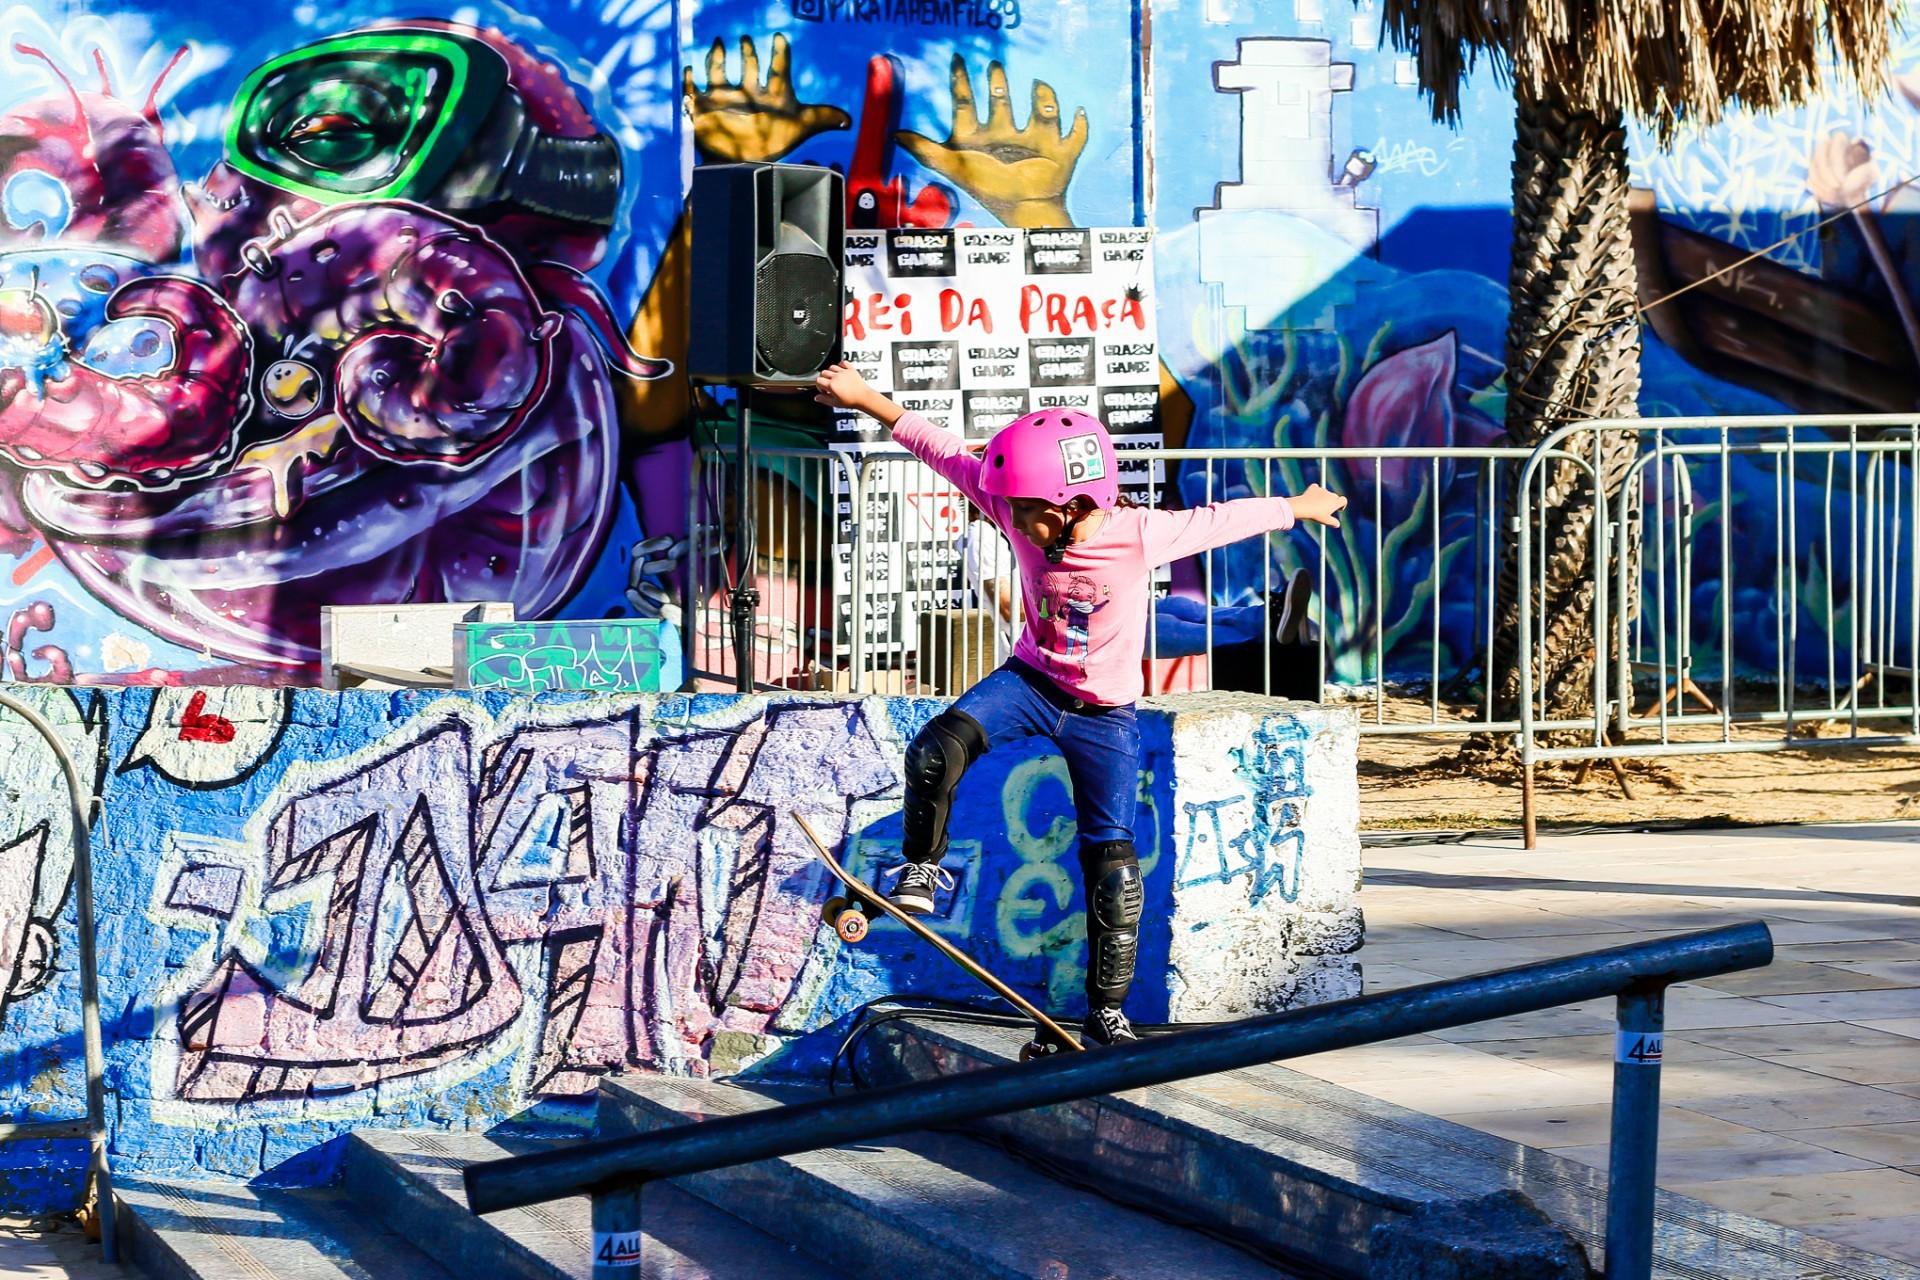 A Rede Cuca oferece aulas gratuitas de skate em Fortaleza (Foto: Suzana Campos/ Rede Cuca)